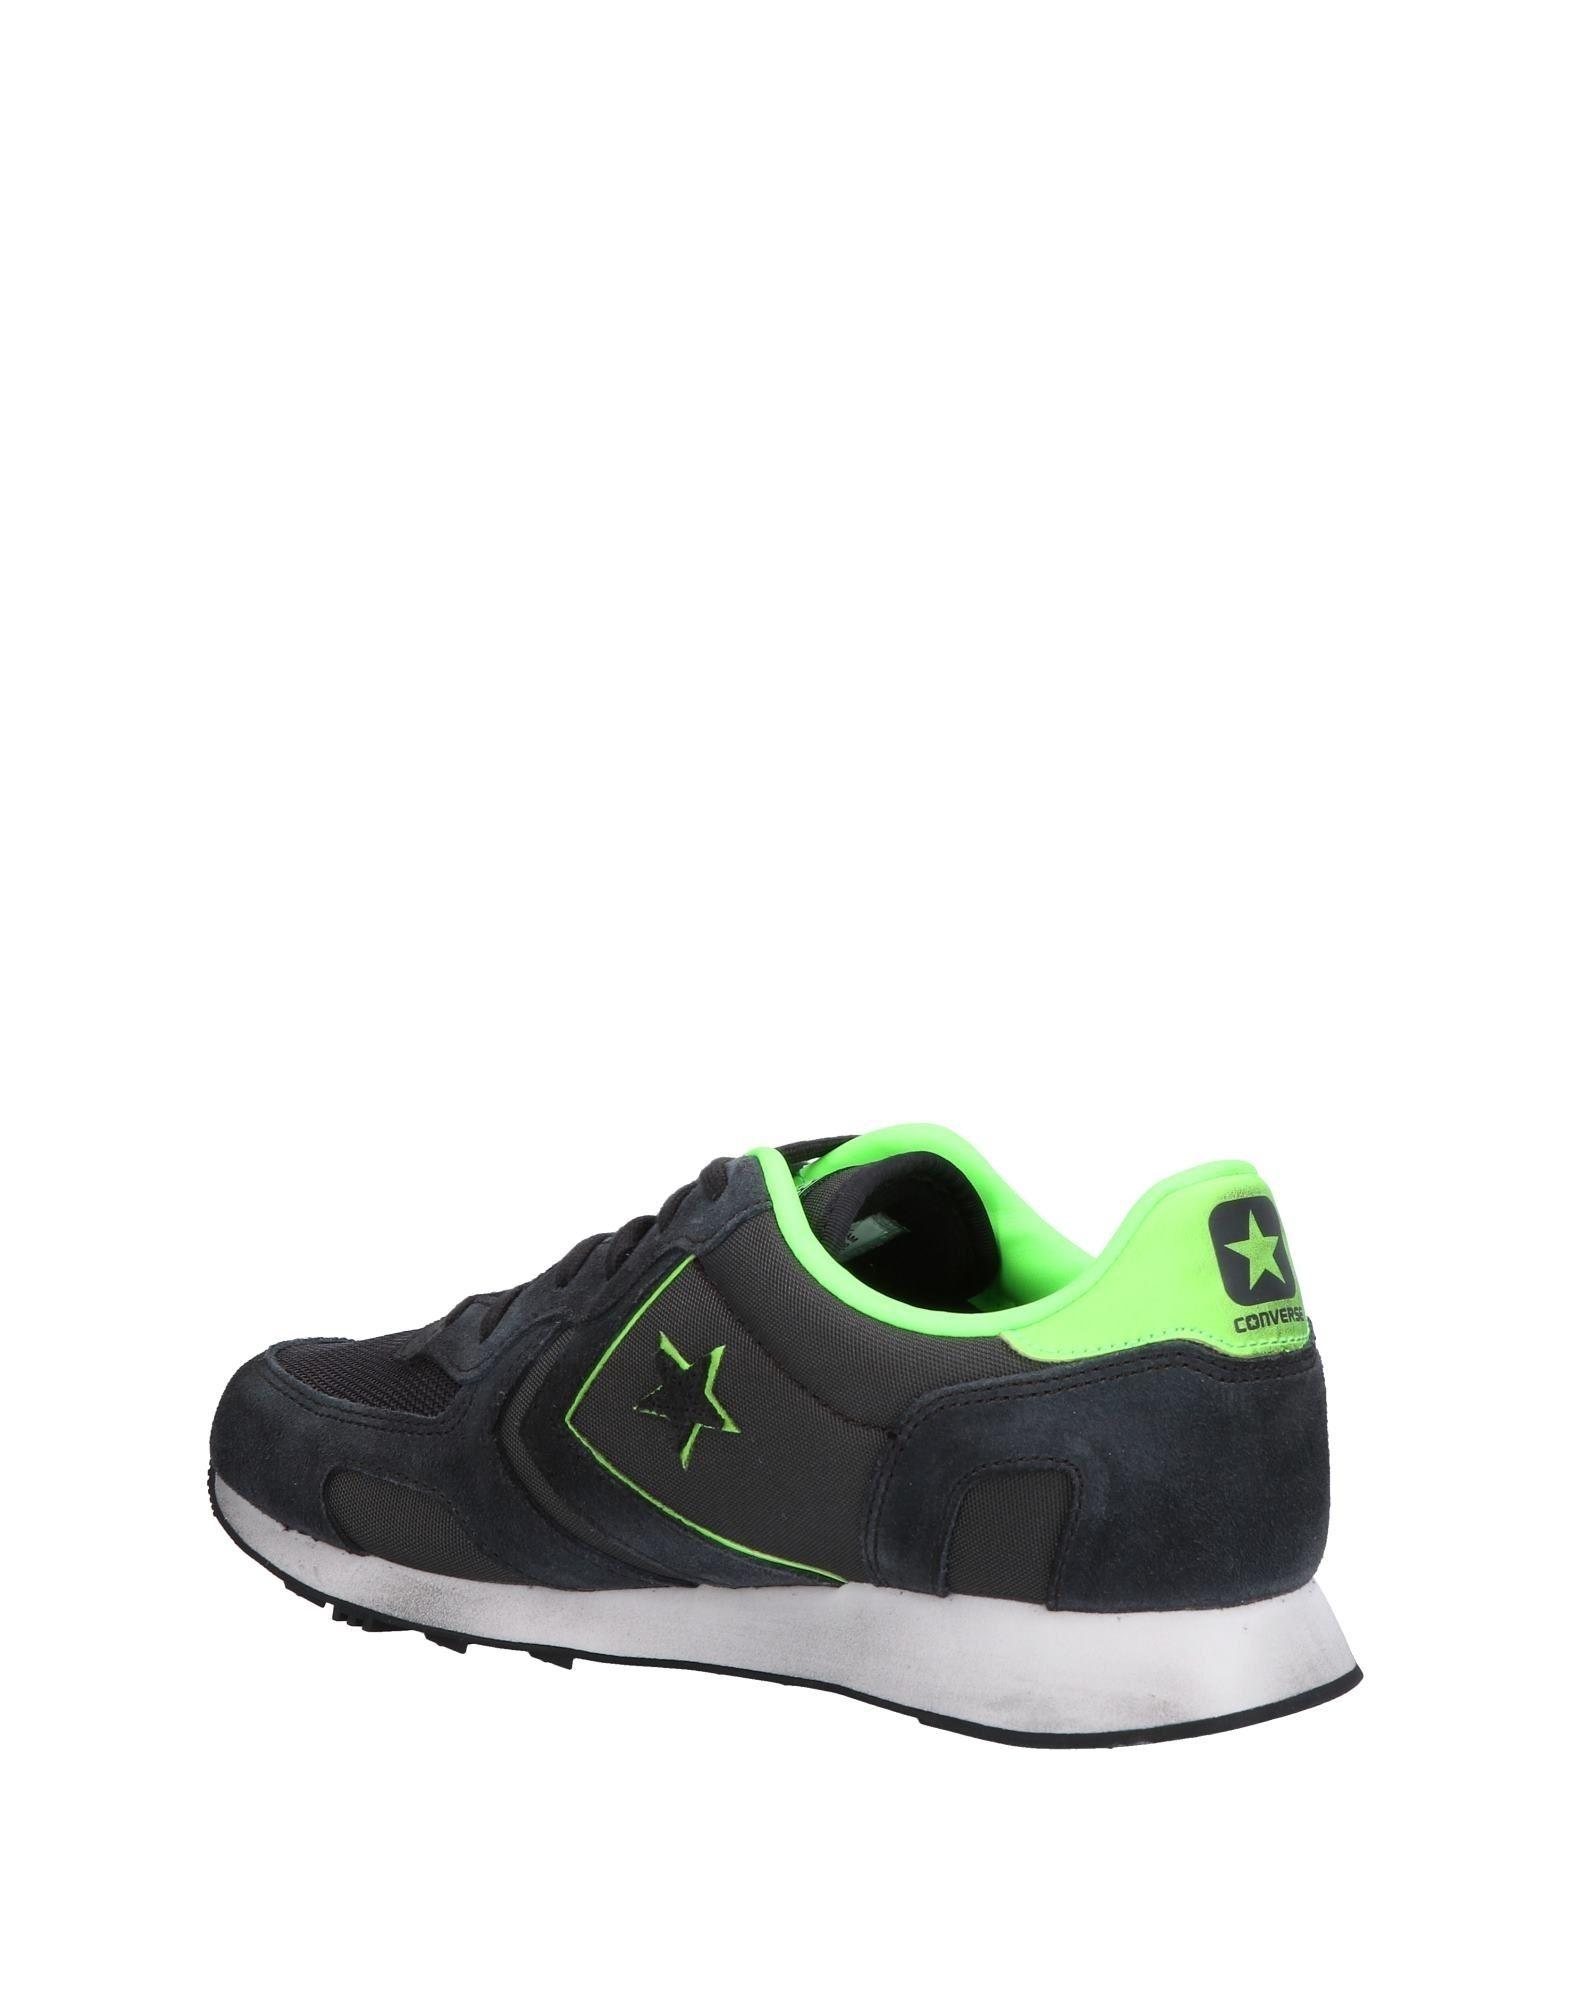 Converse Cons Gute Sneakers Damen  11469654UV Gute Cons Qualität beliebte Schuhe 78a1b7